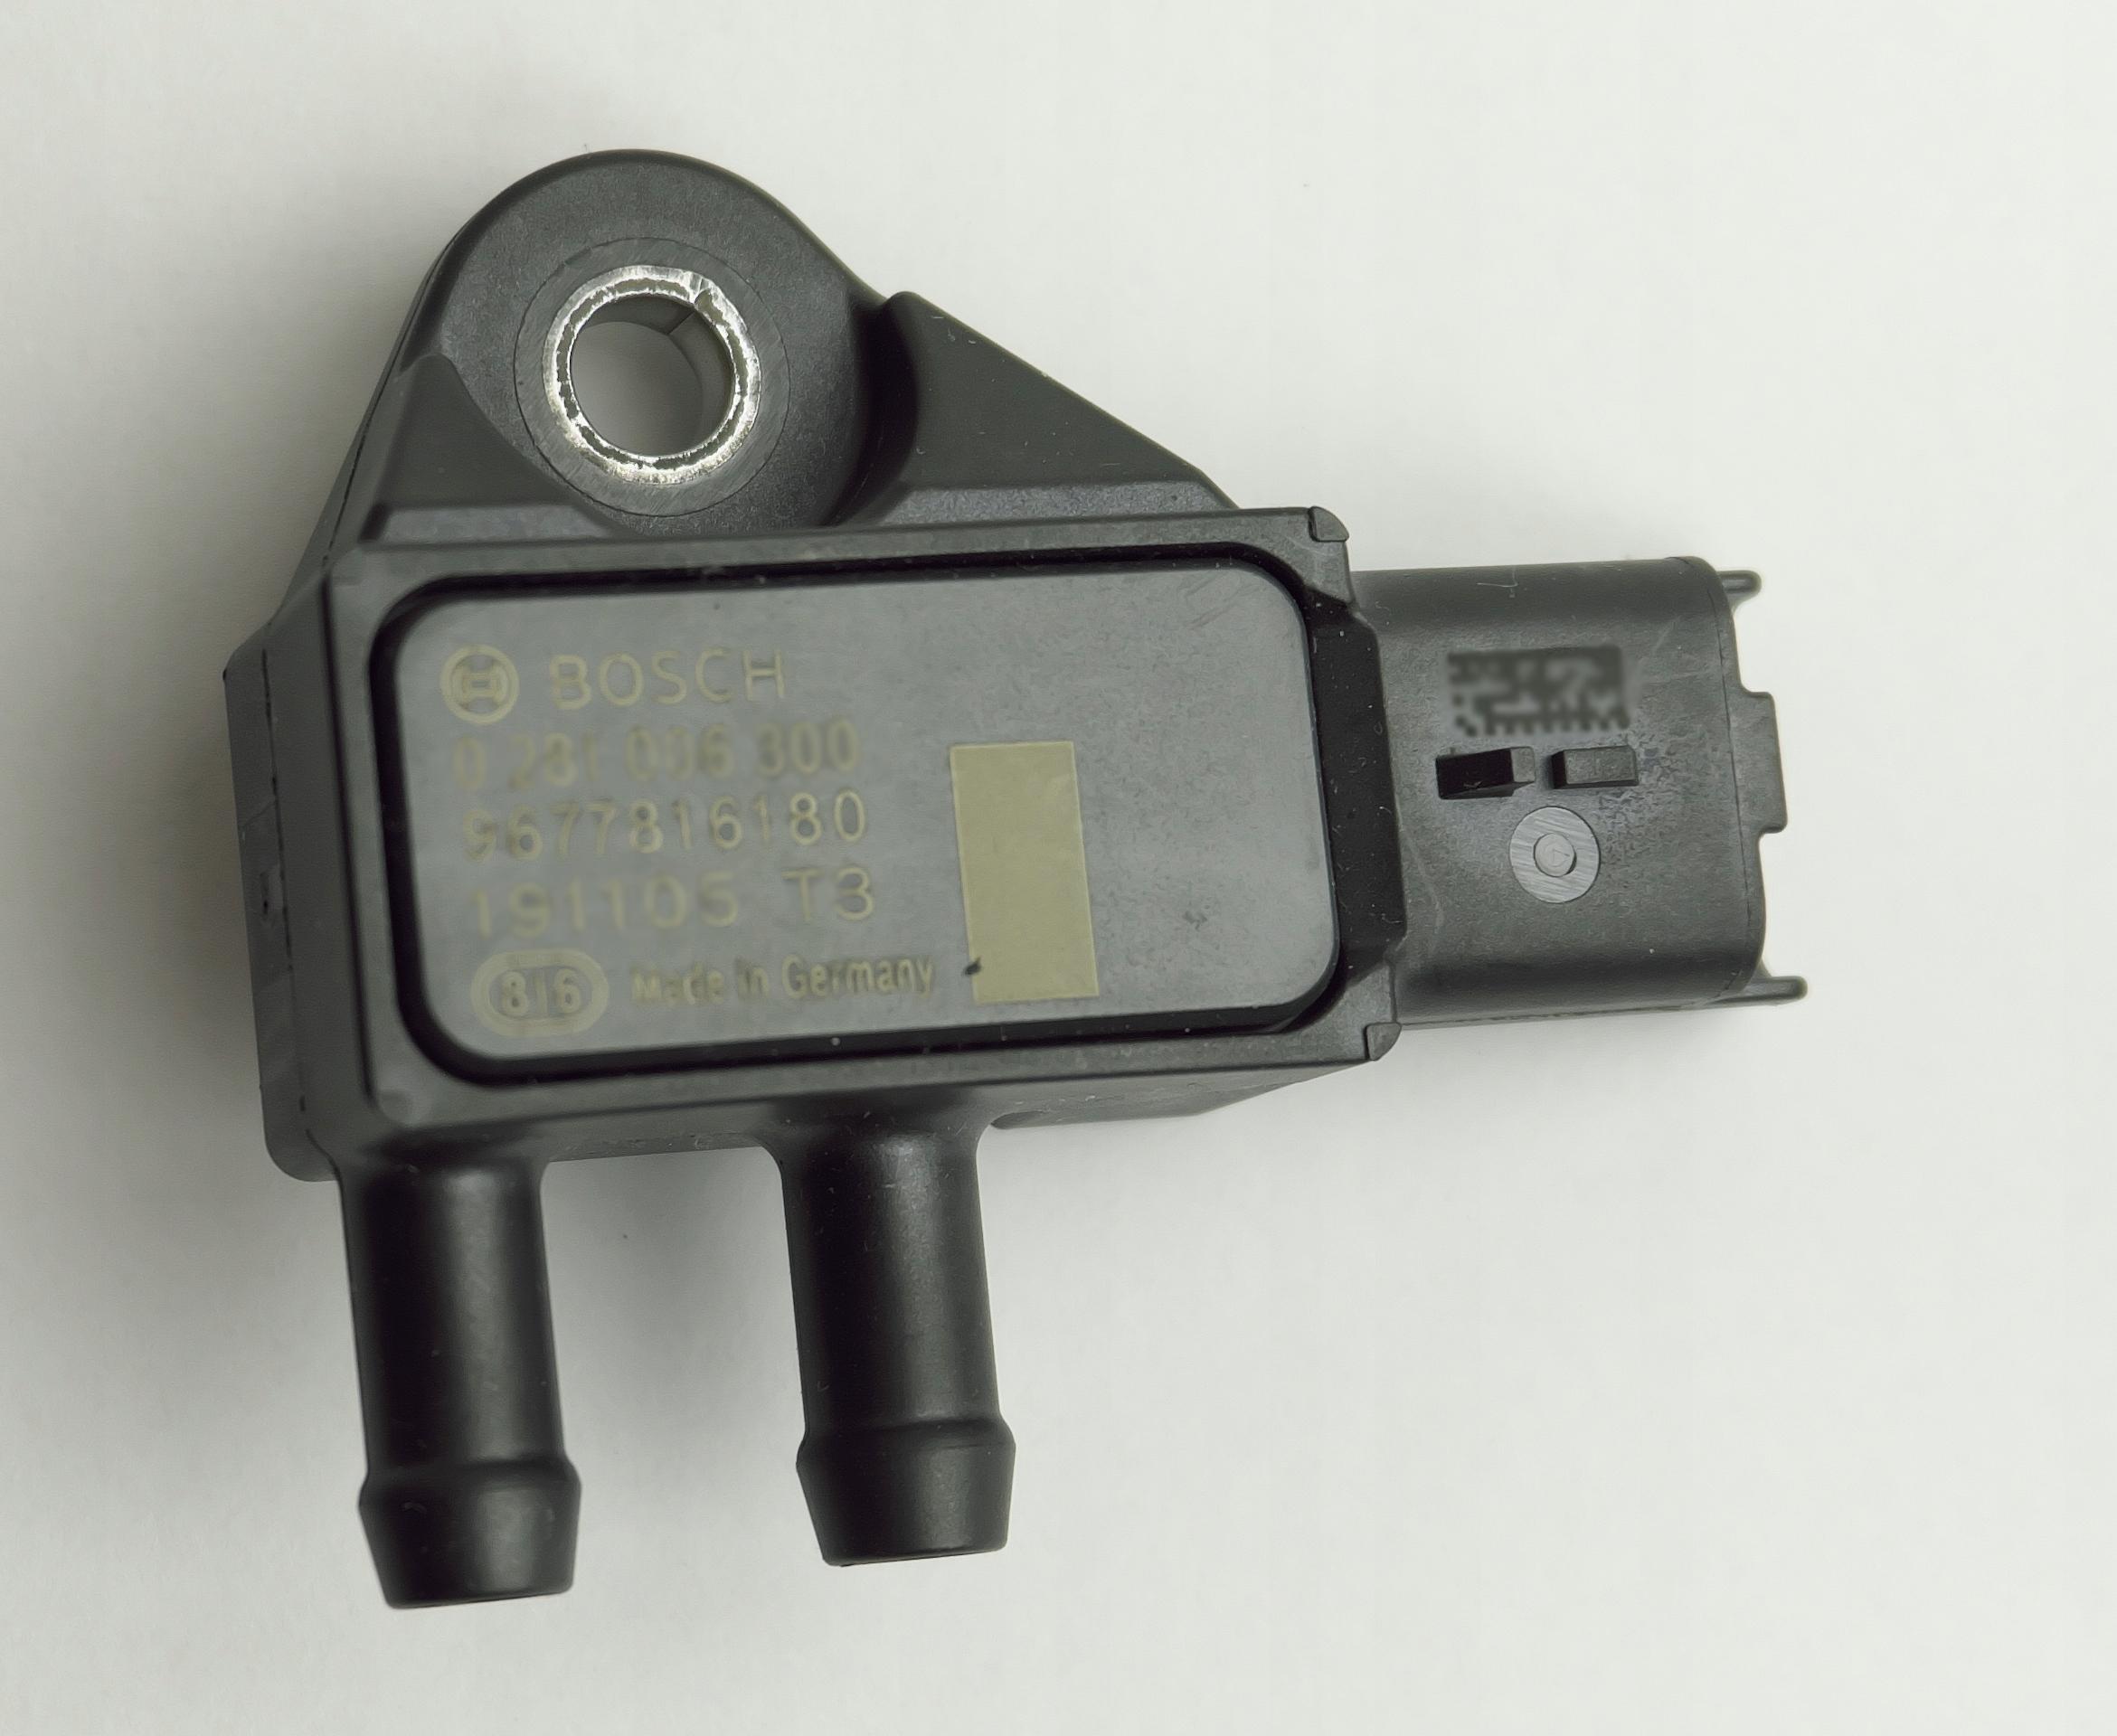 9677816180 датчик давления выхлопных газов bosch